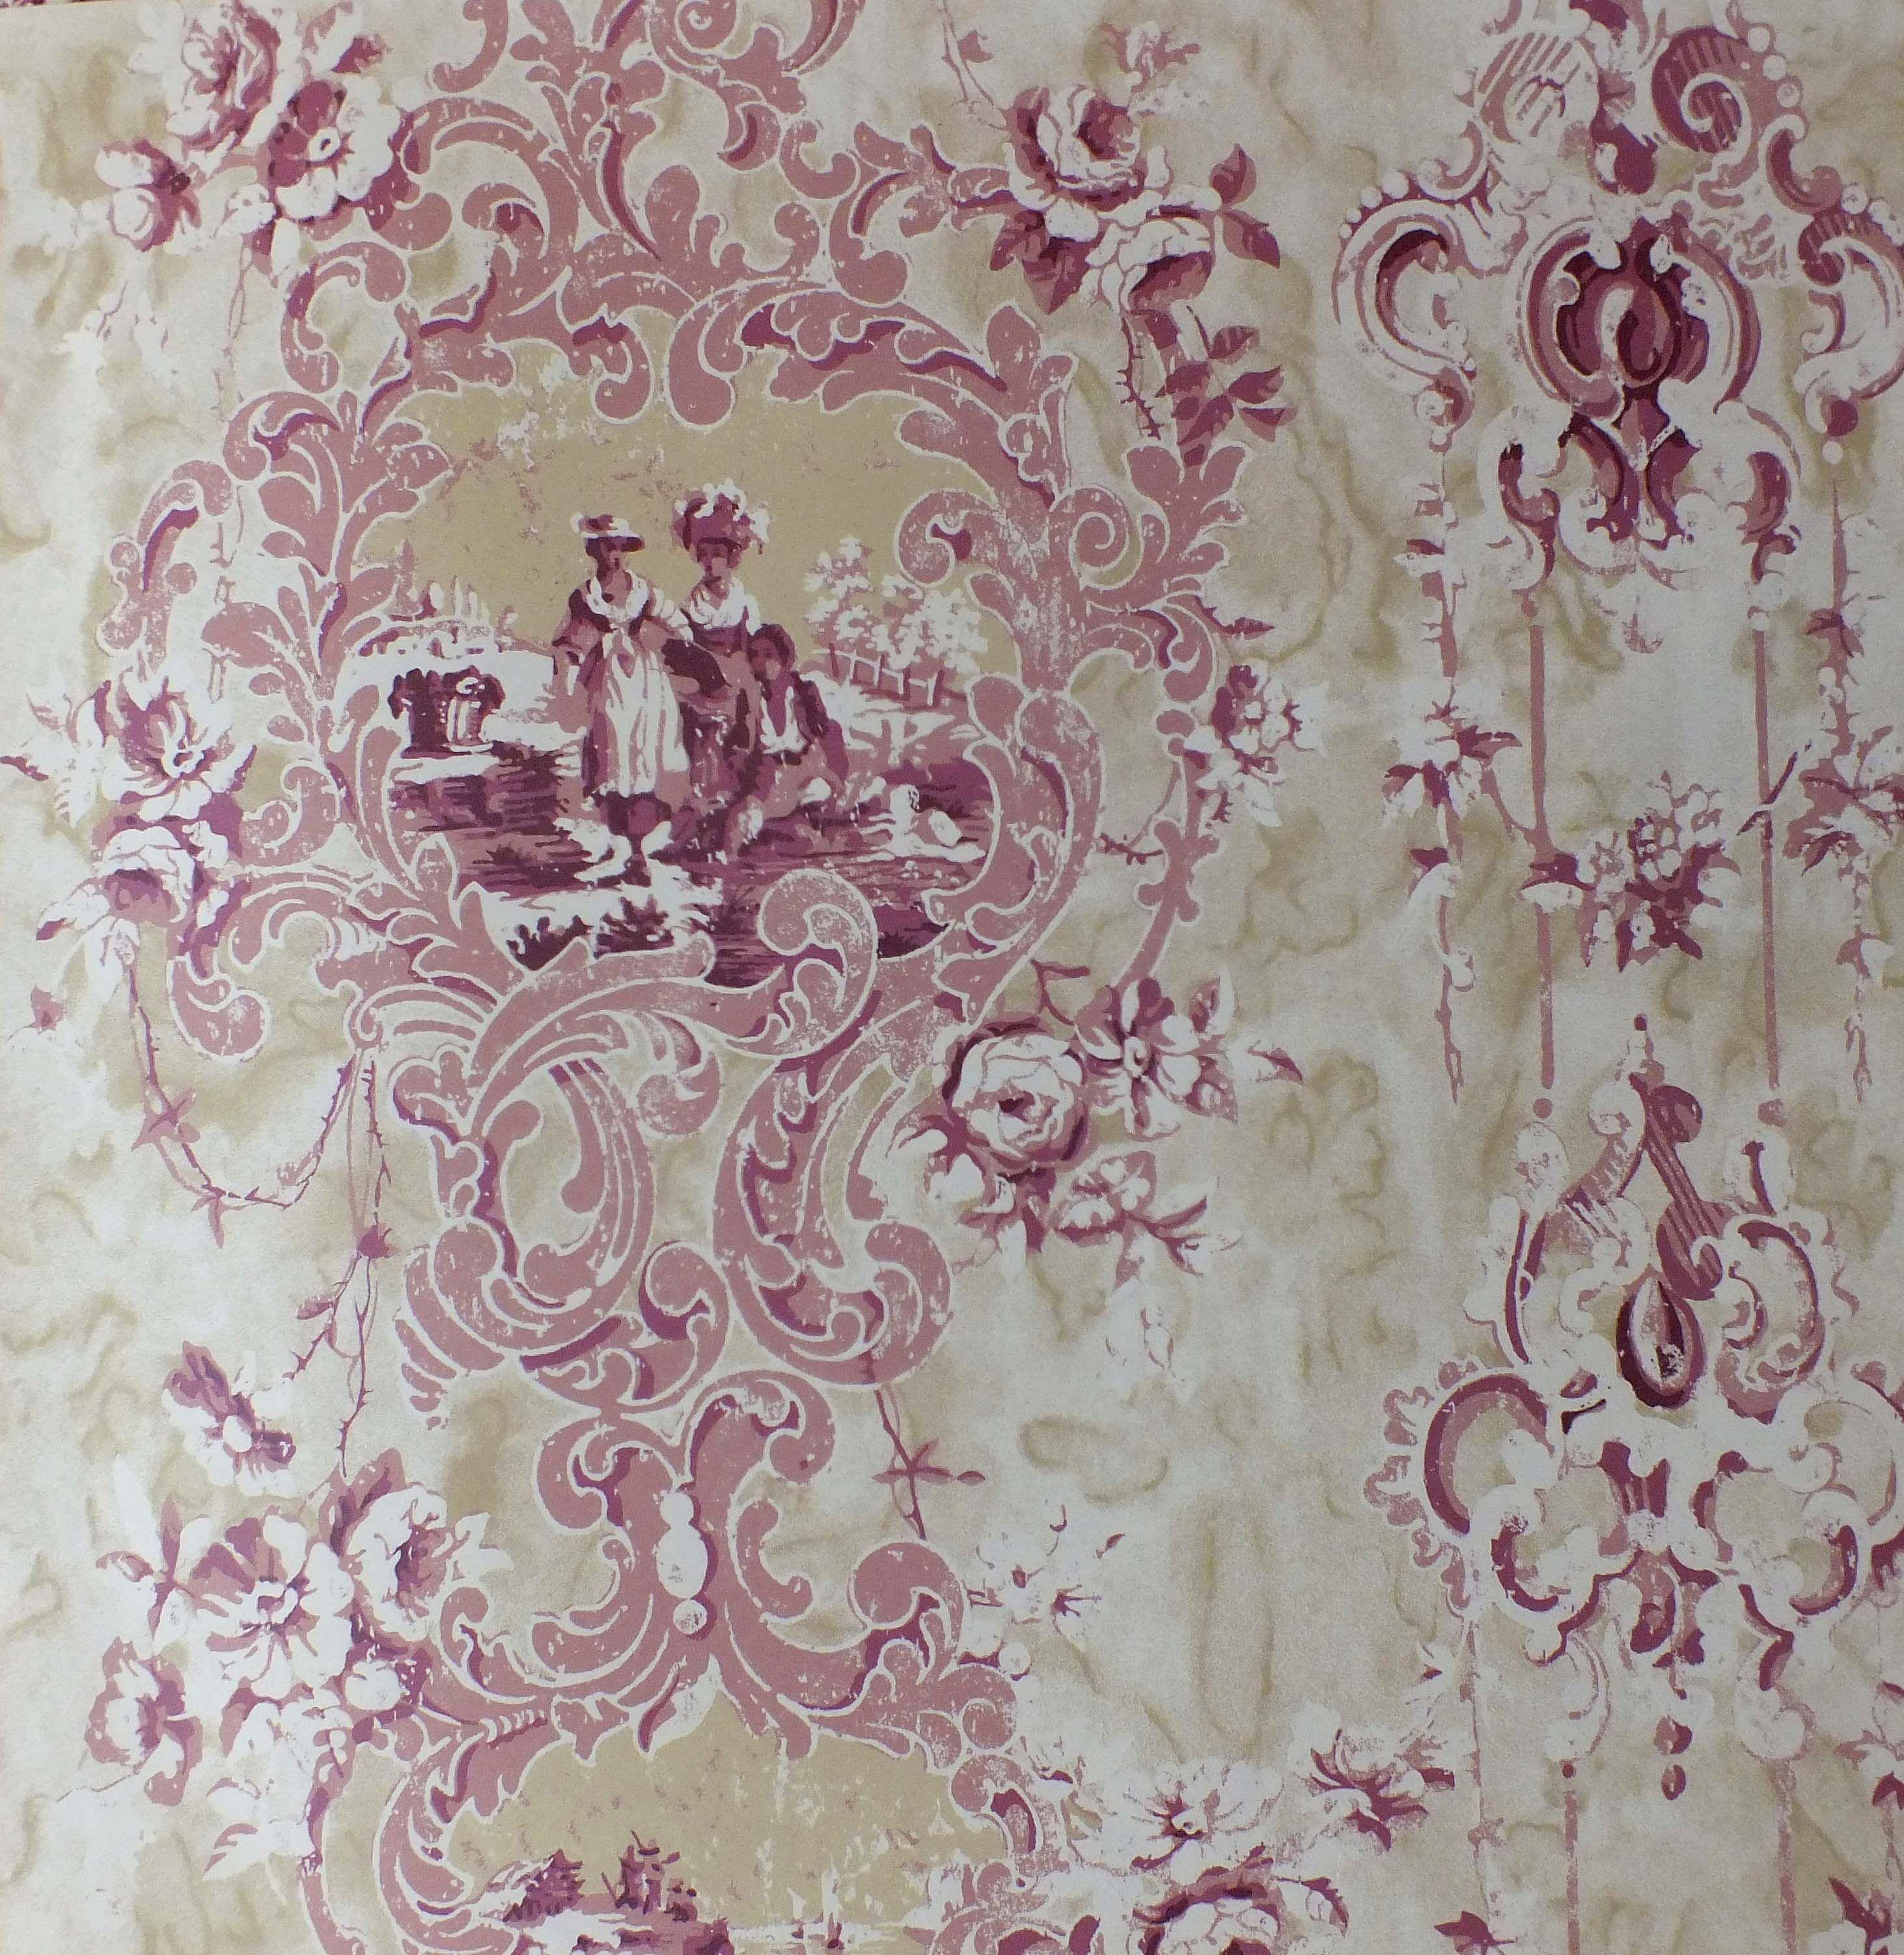 D'Urberville wallpaper in Dusty Rose, Watts 1874 Рококо